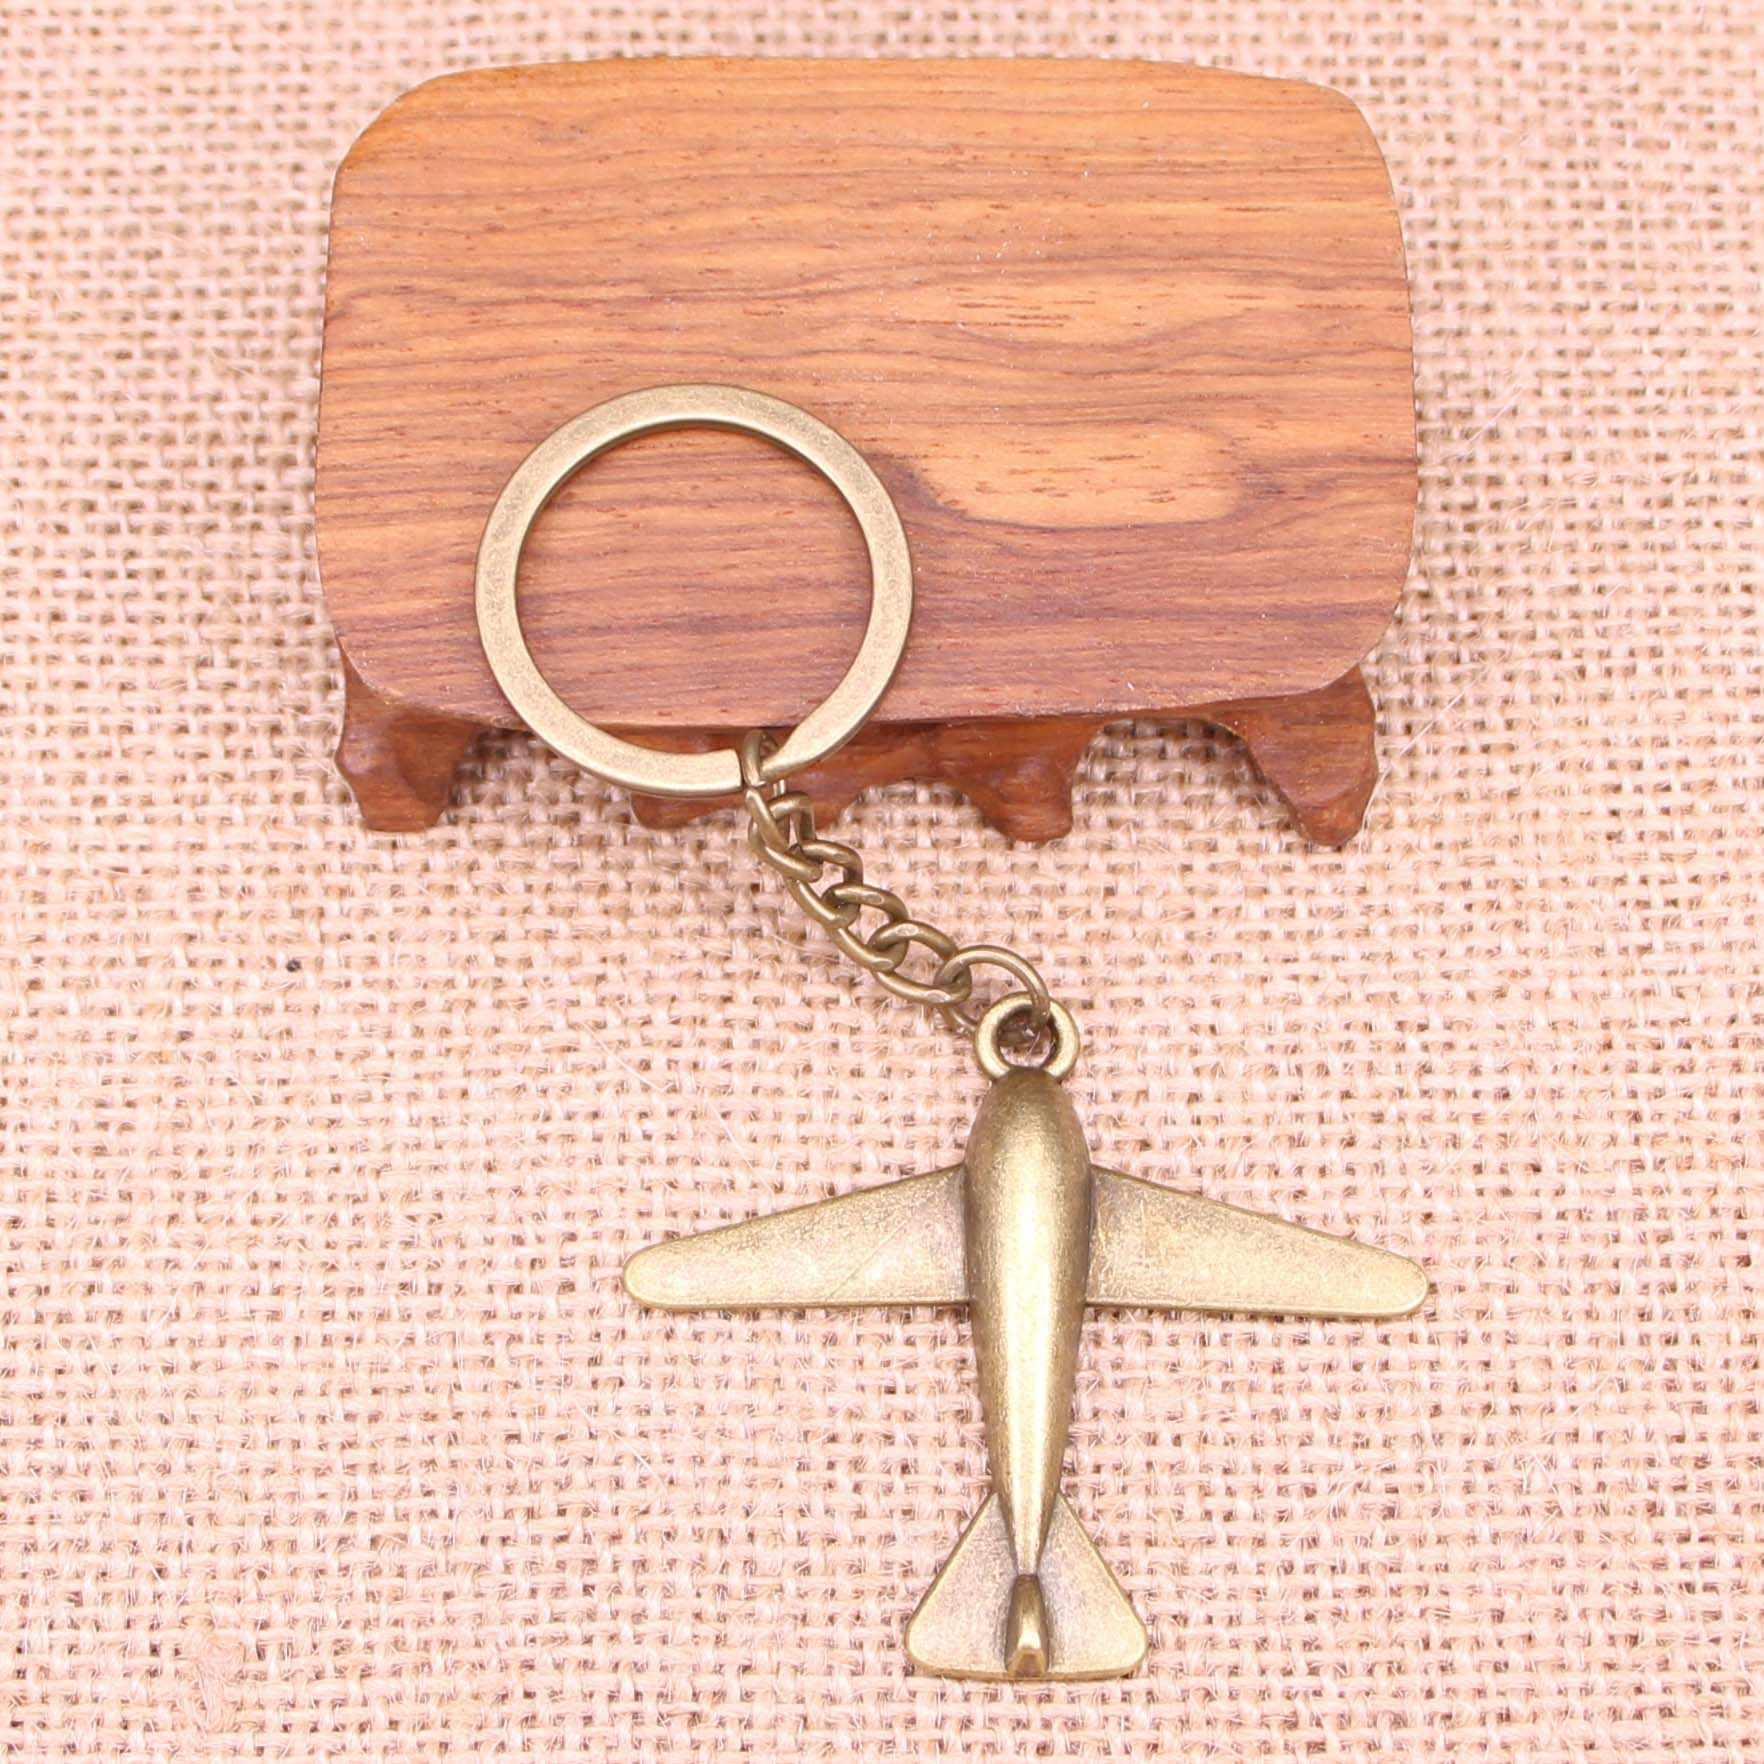 20 piezas nuevo llavero a la moda 50x42mm avión colgantes DIY hombres joyería coche llavero anillo soporte recuerdo para regalo